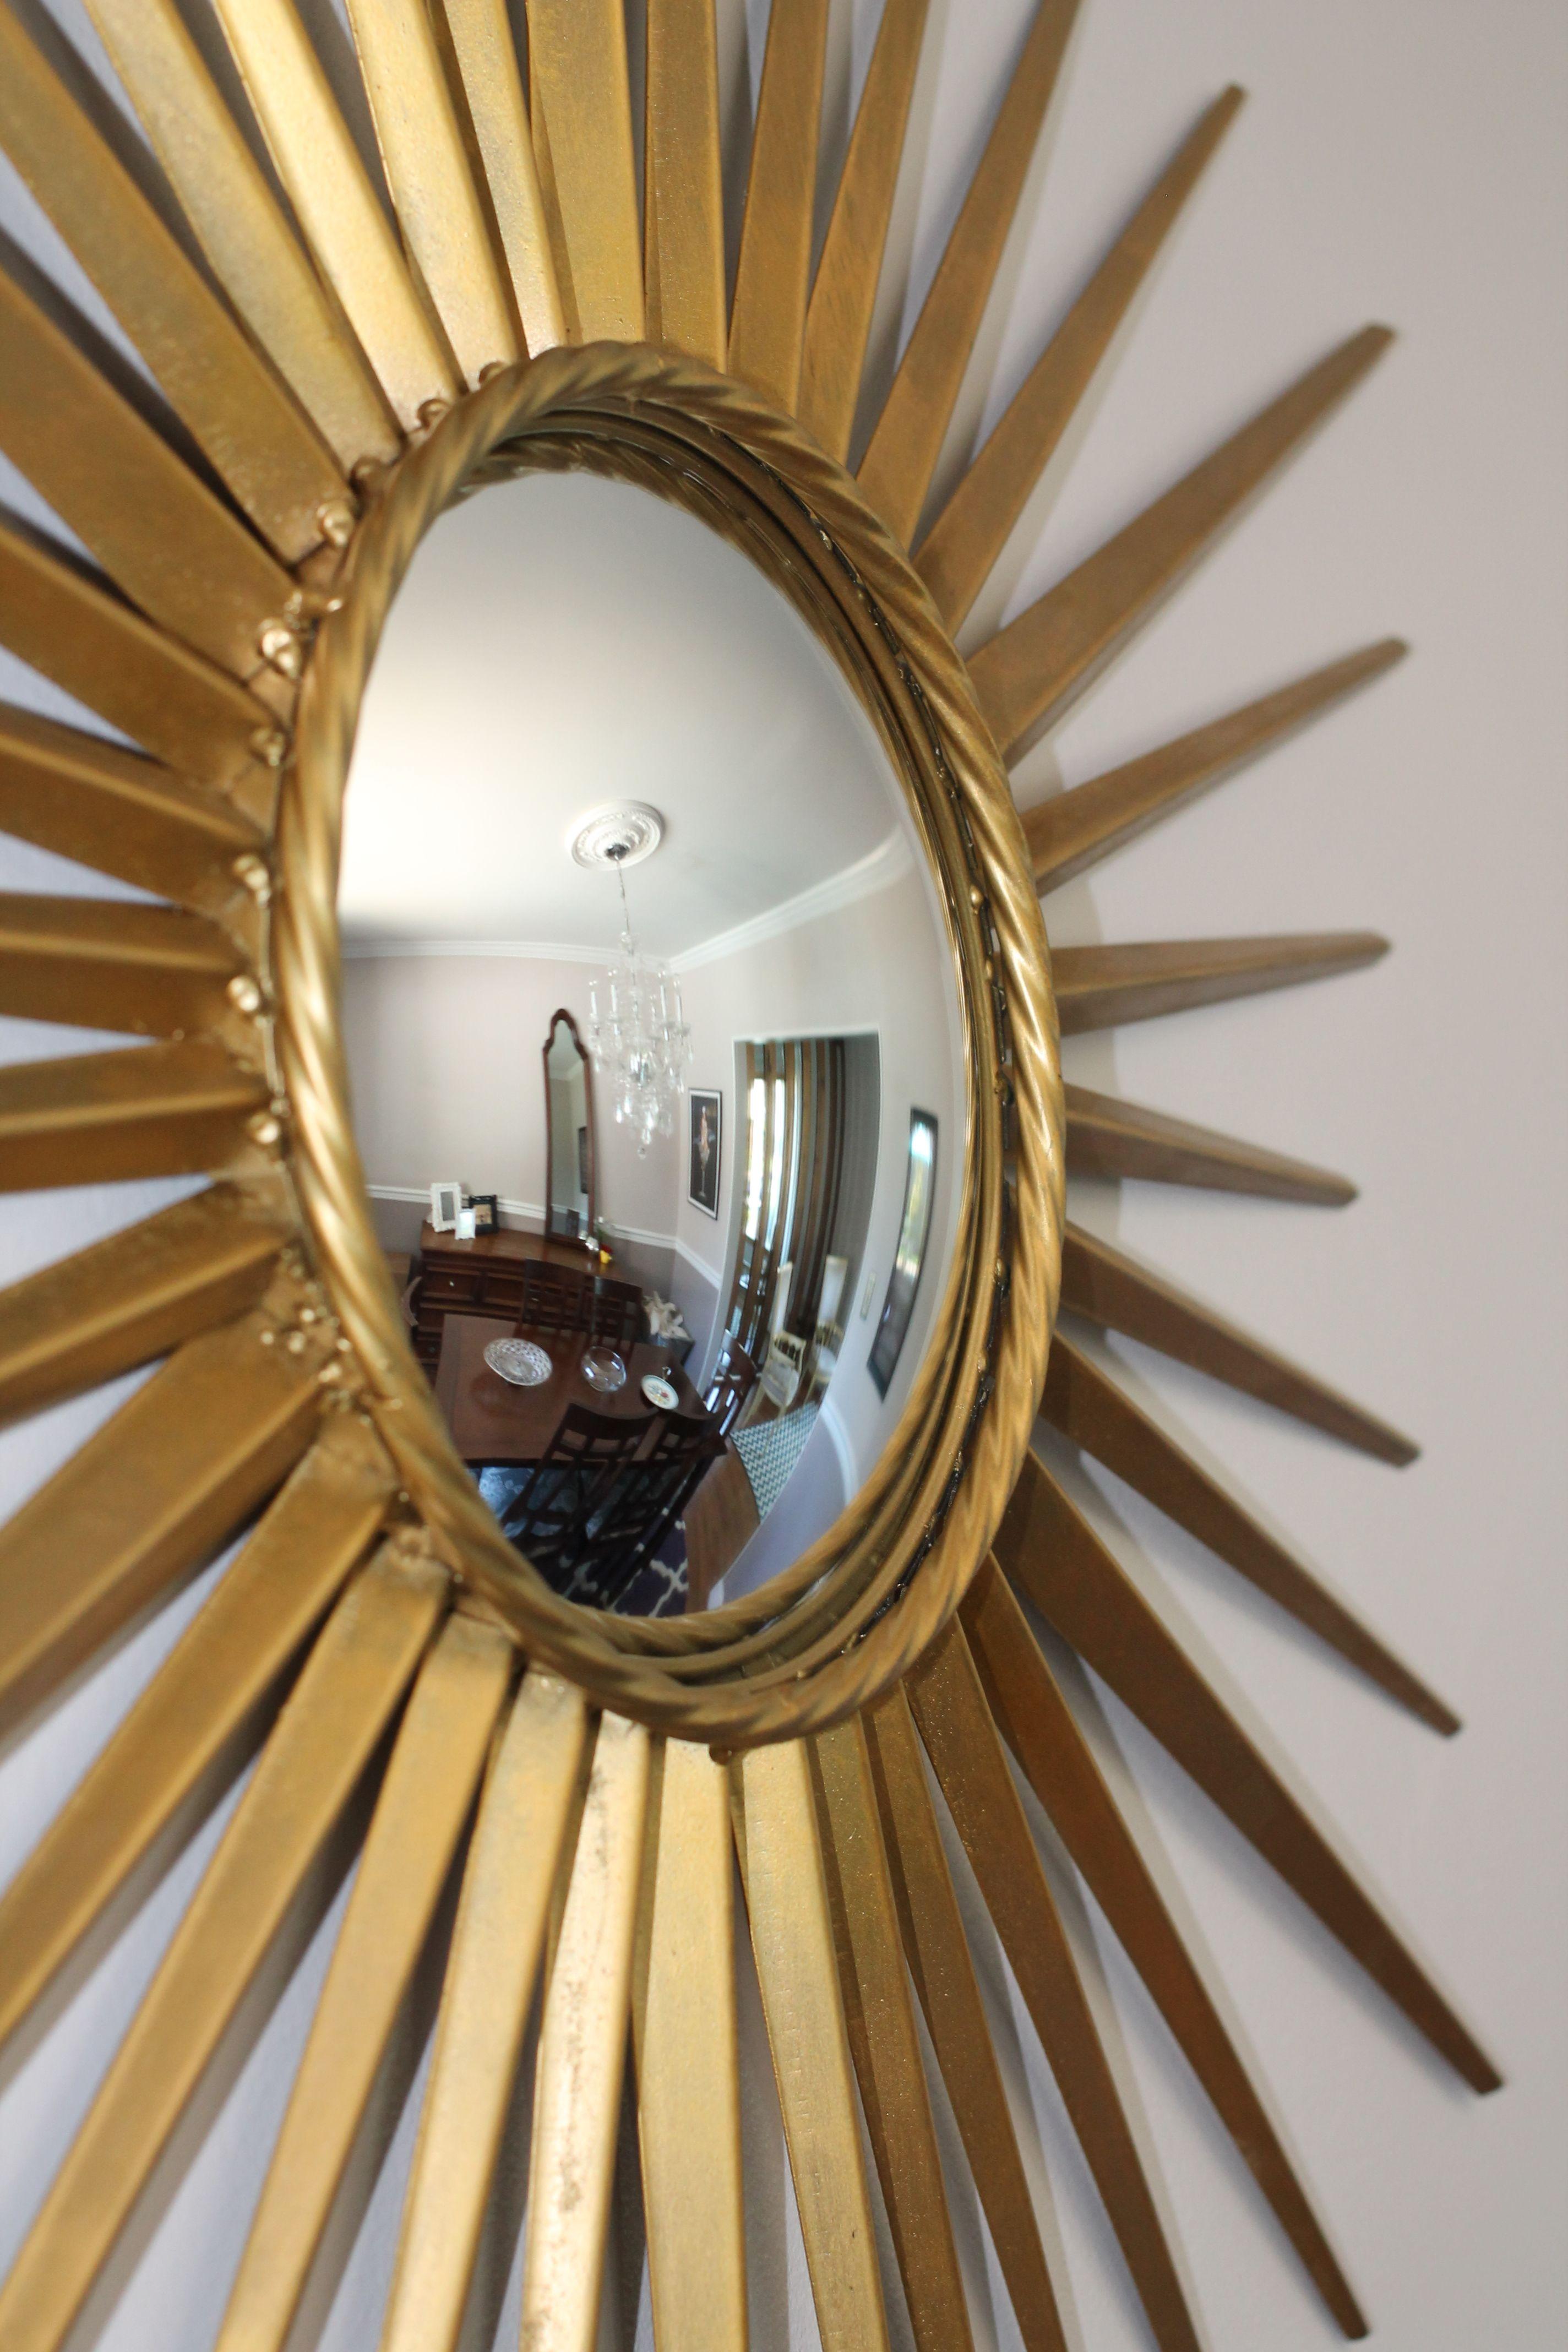 martha stewart home depot sunburst mirror in our dining room wish